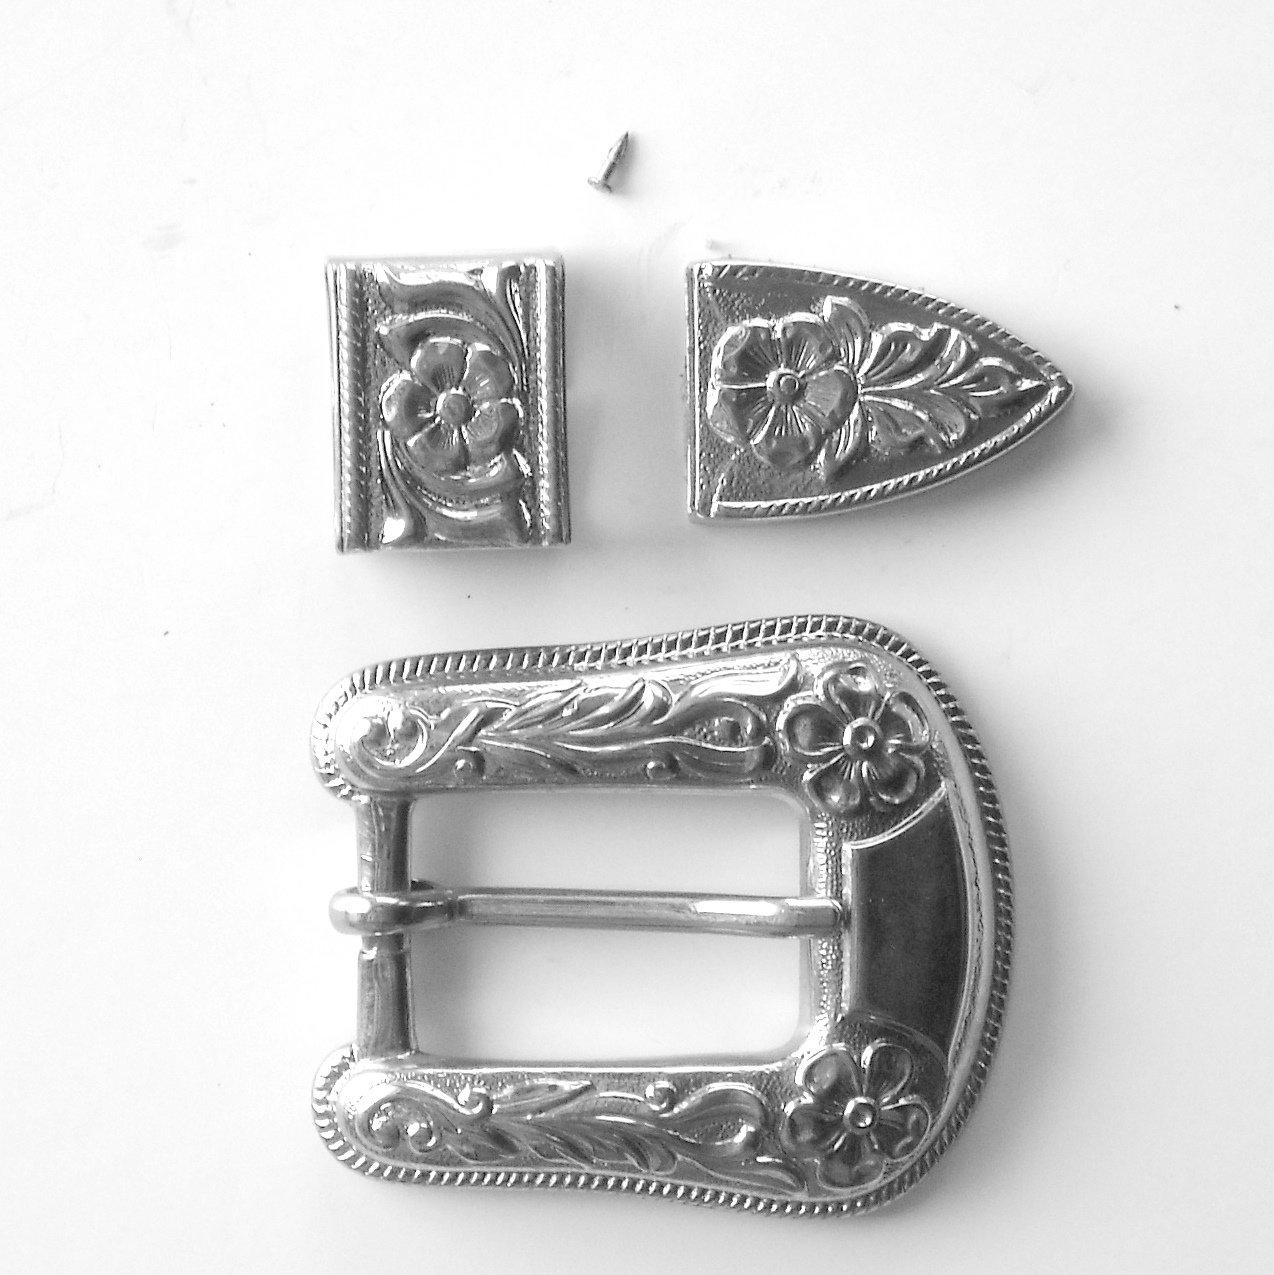 Vintage Ornate Silver Tone complete belt buckle hardware